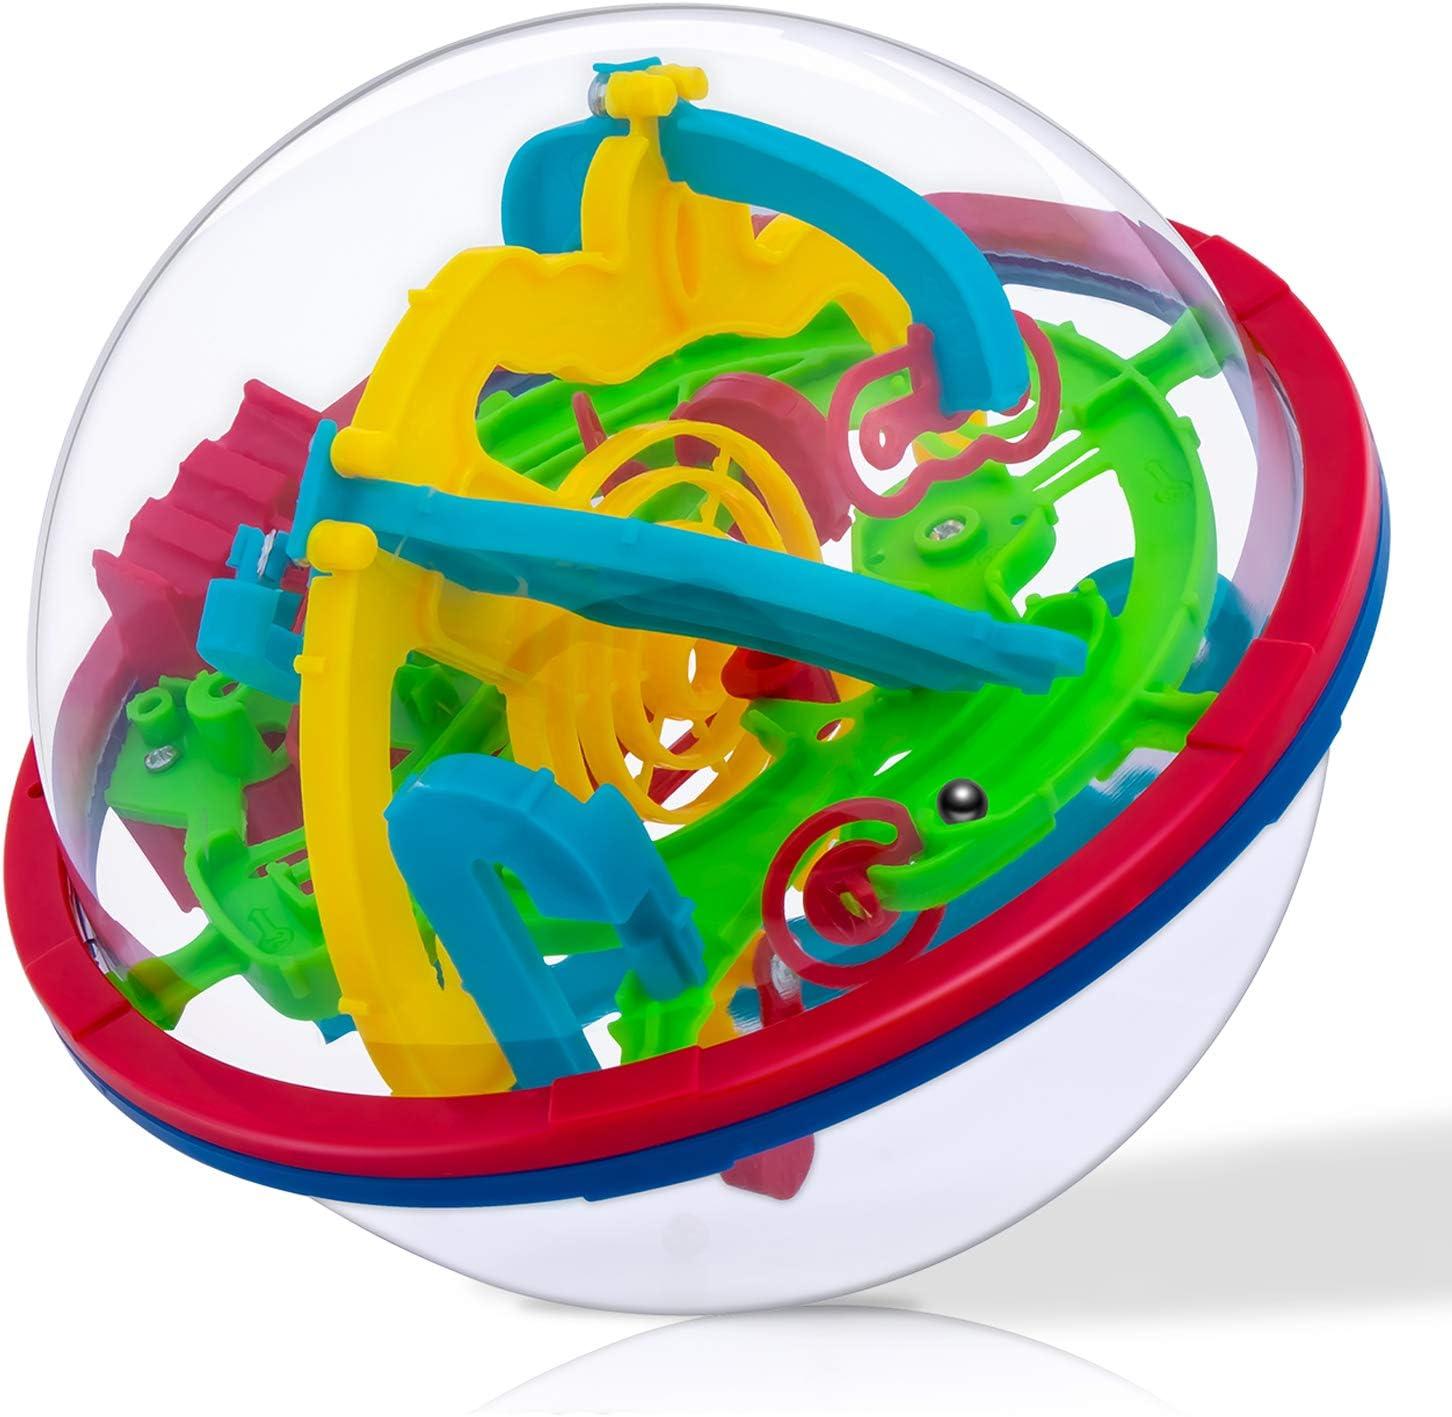 iNeego 3D Laberinto Bola 12cm Pelota Pasatiempos con Laberinto 4.7 ...